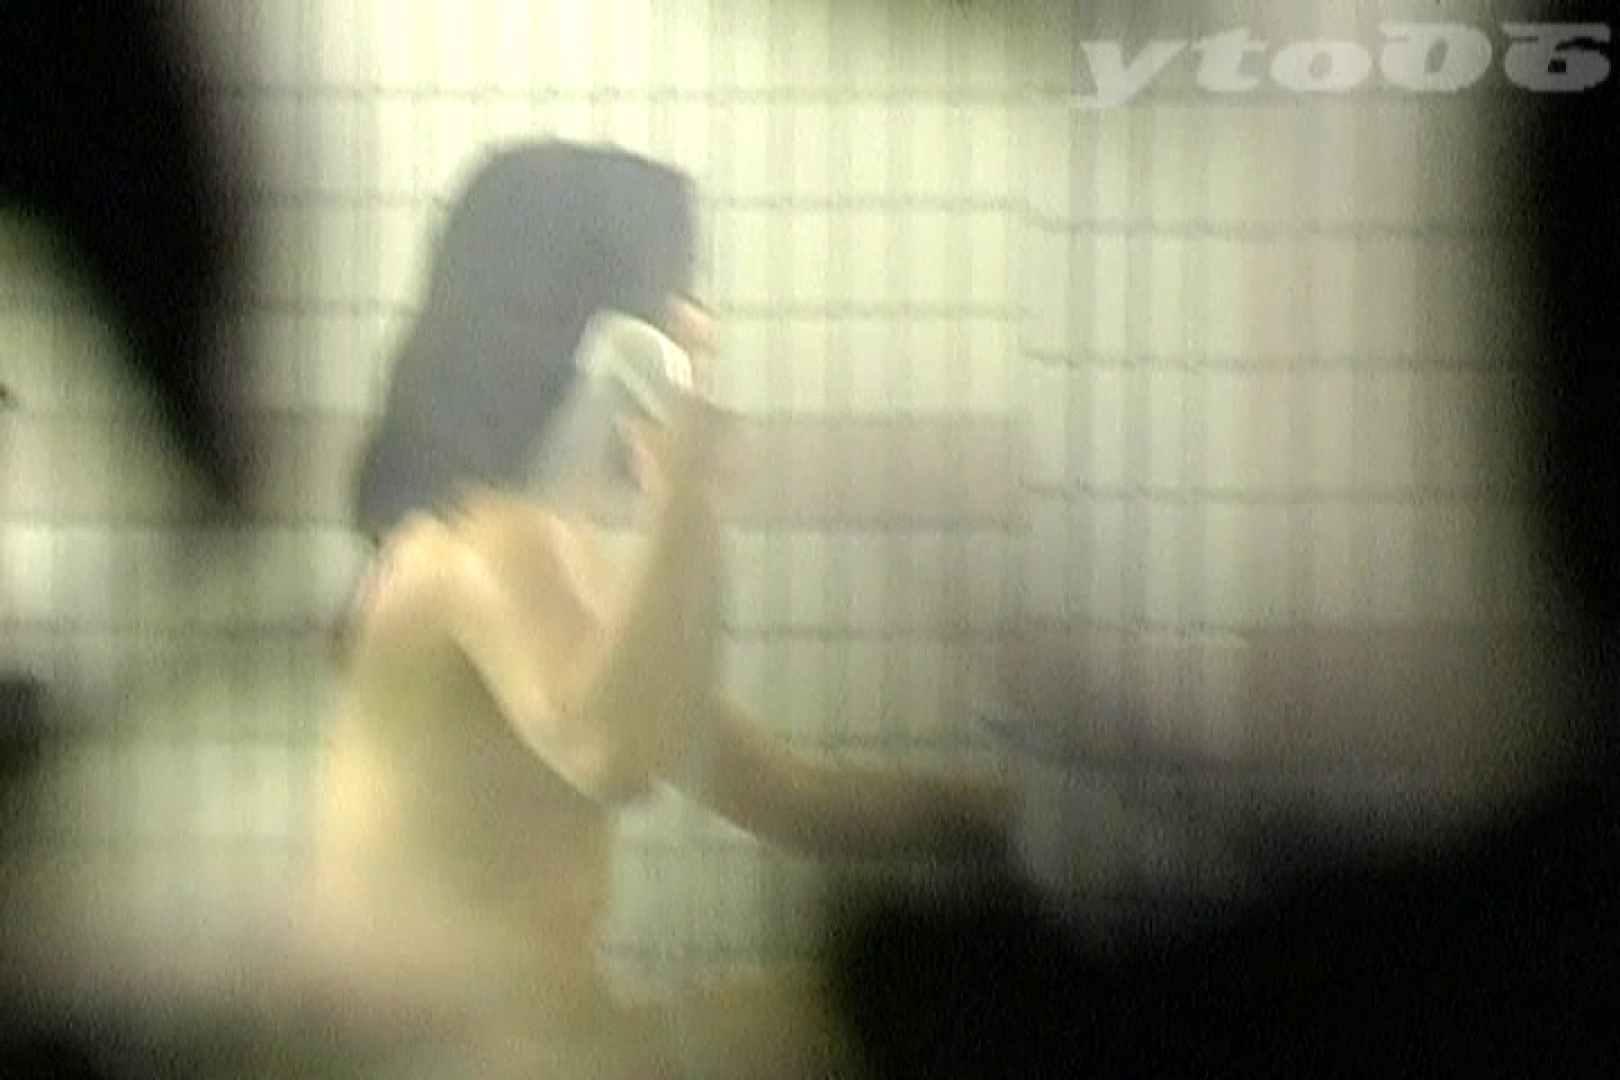 ▲復活限定▲合宿ホテル女風呂盗撮 Vol.36 盗撮編 アダルト動画キャプチャ 102枚 3